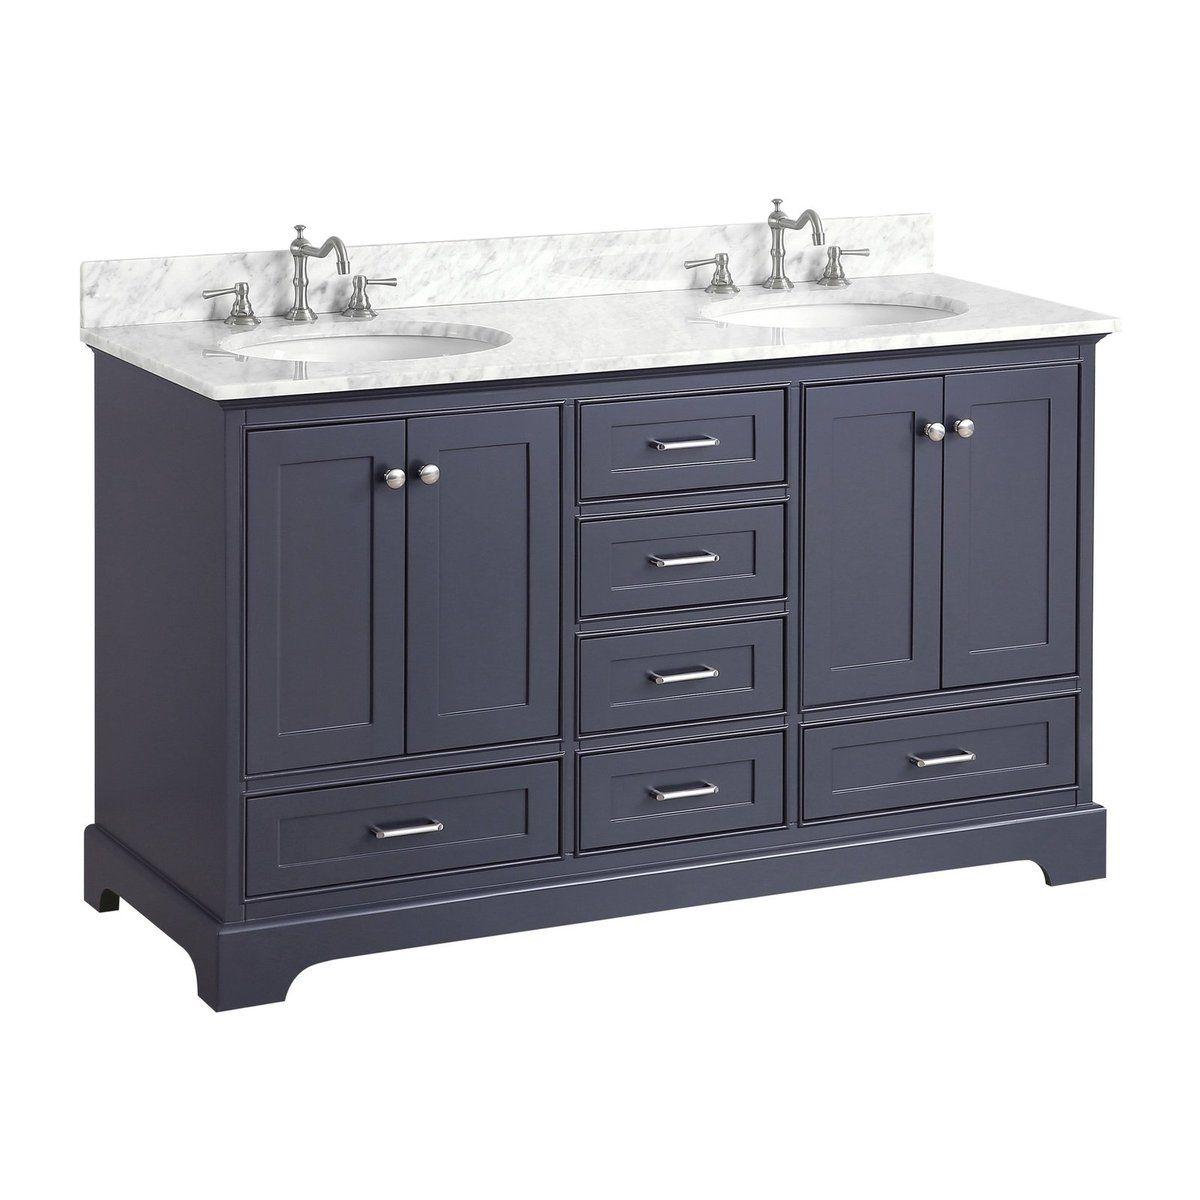 Ove Carson 60 Double Vanity Double Vanity Double Bathroom Vanity Vanity